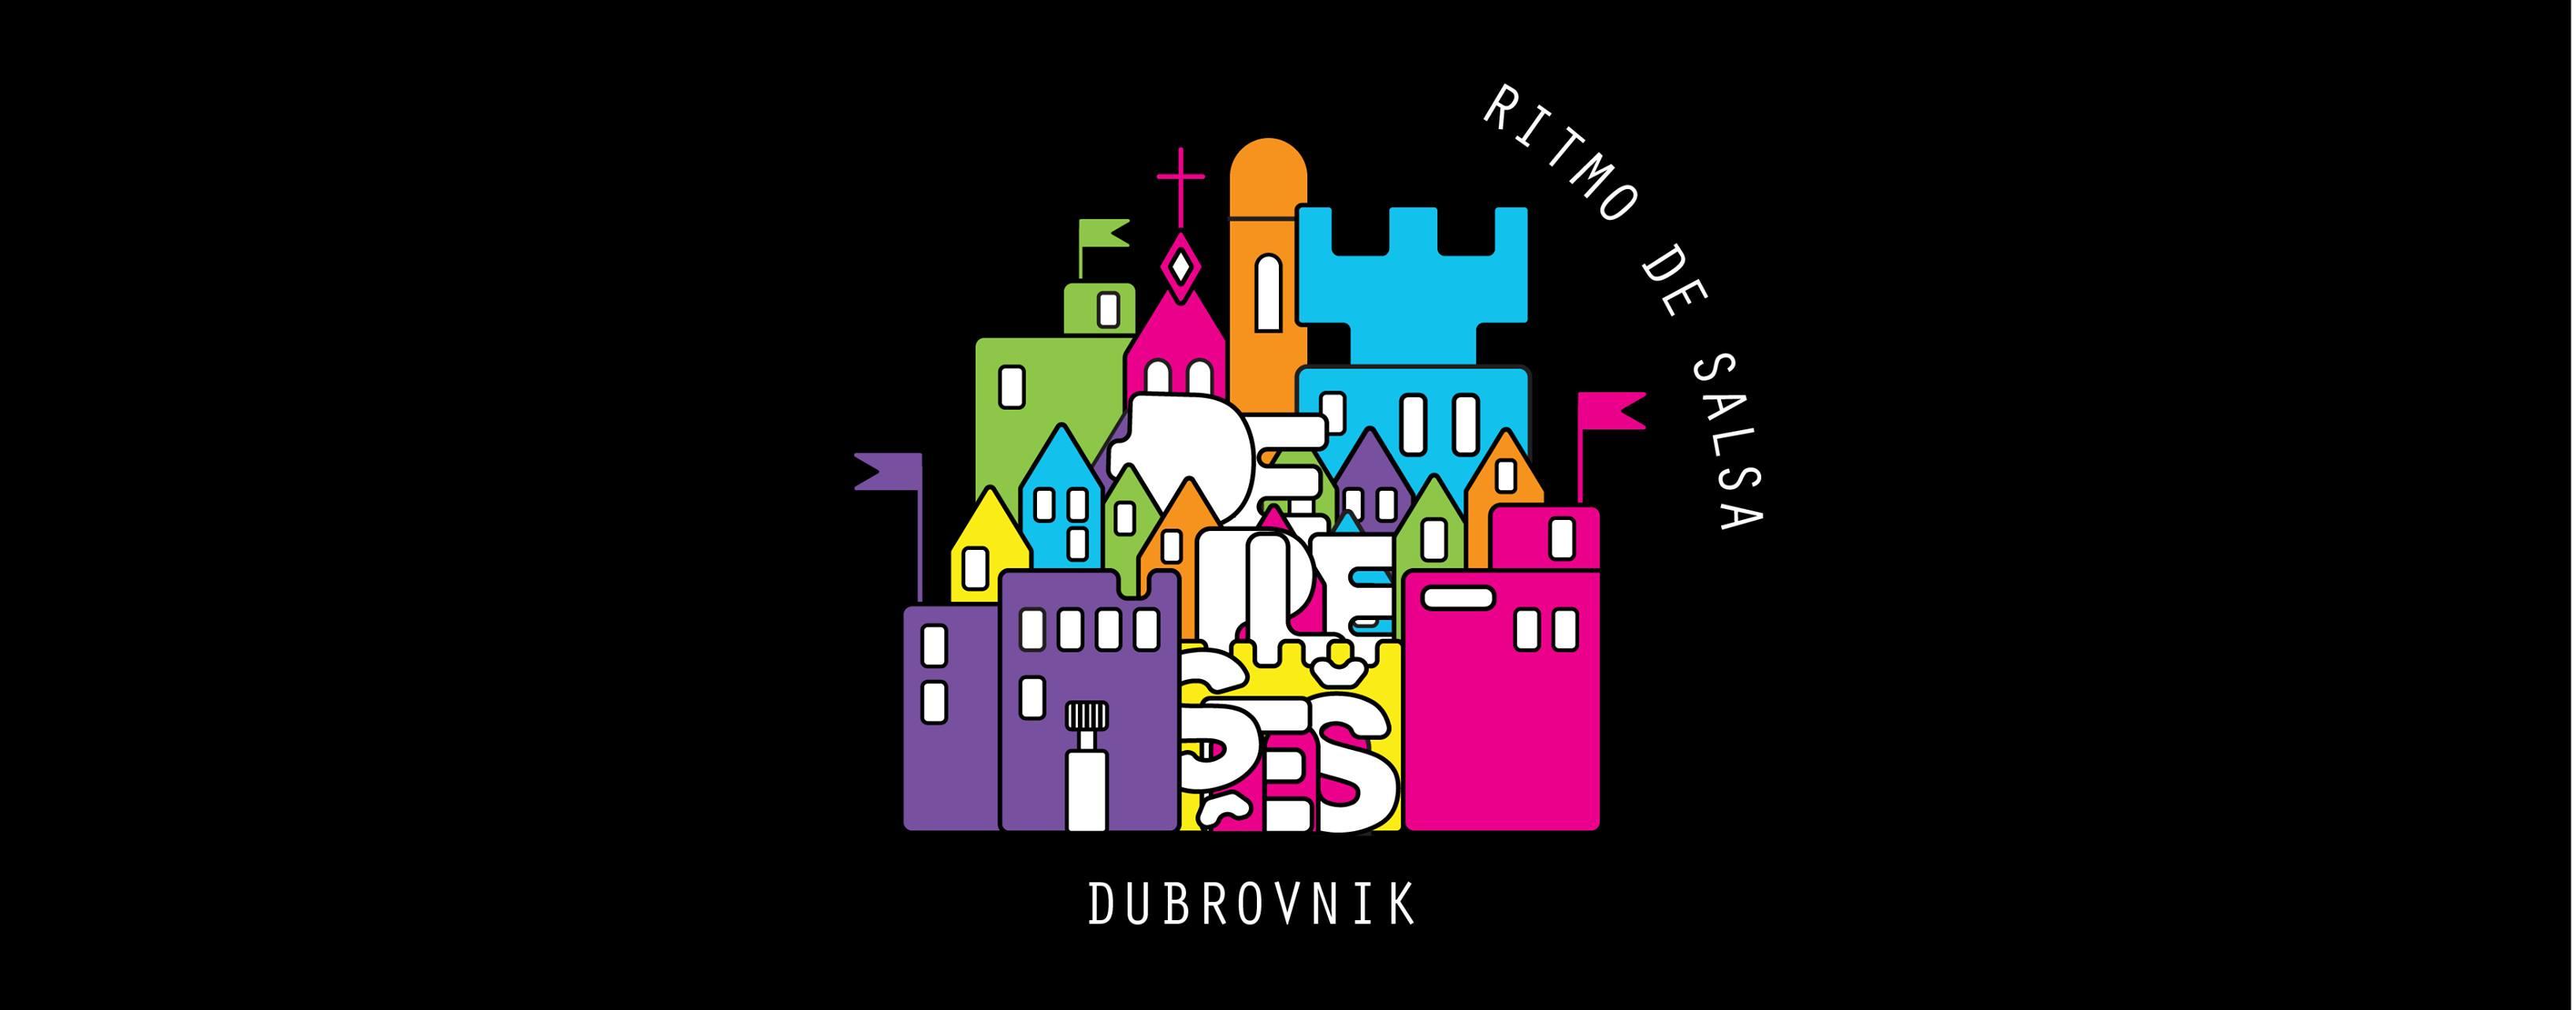 Dubrovnik_DjMuki